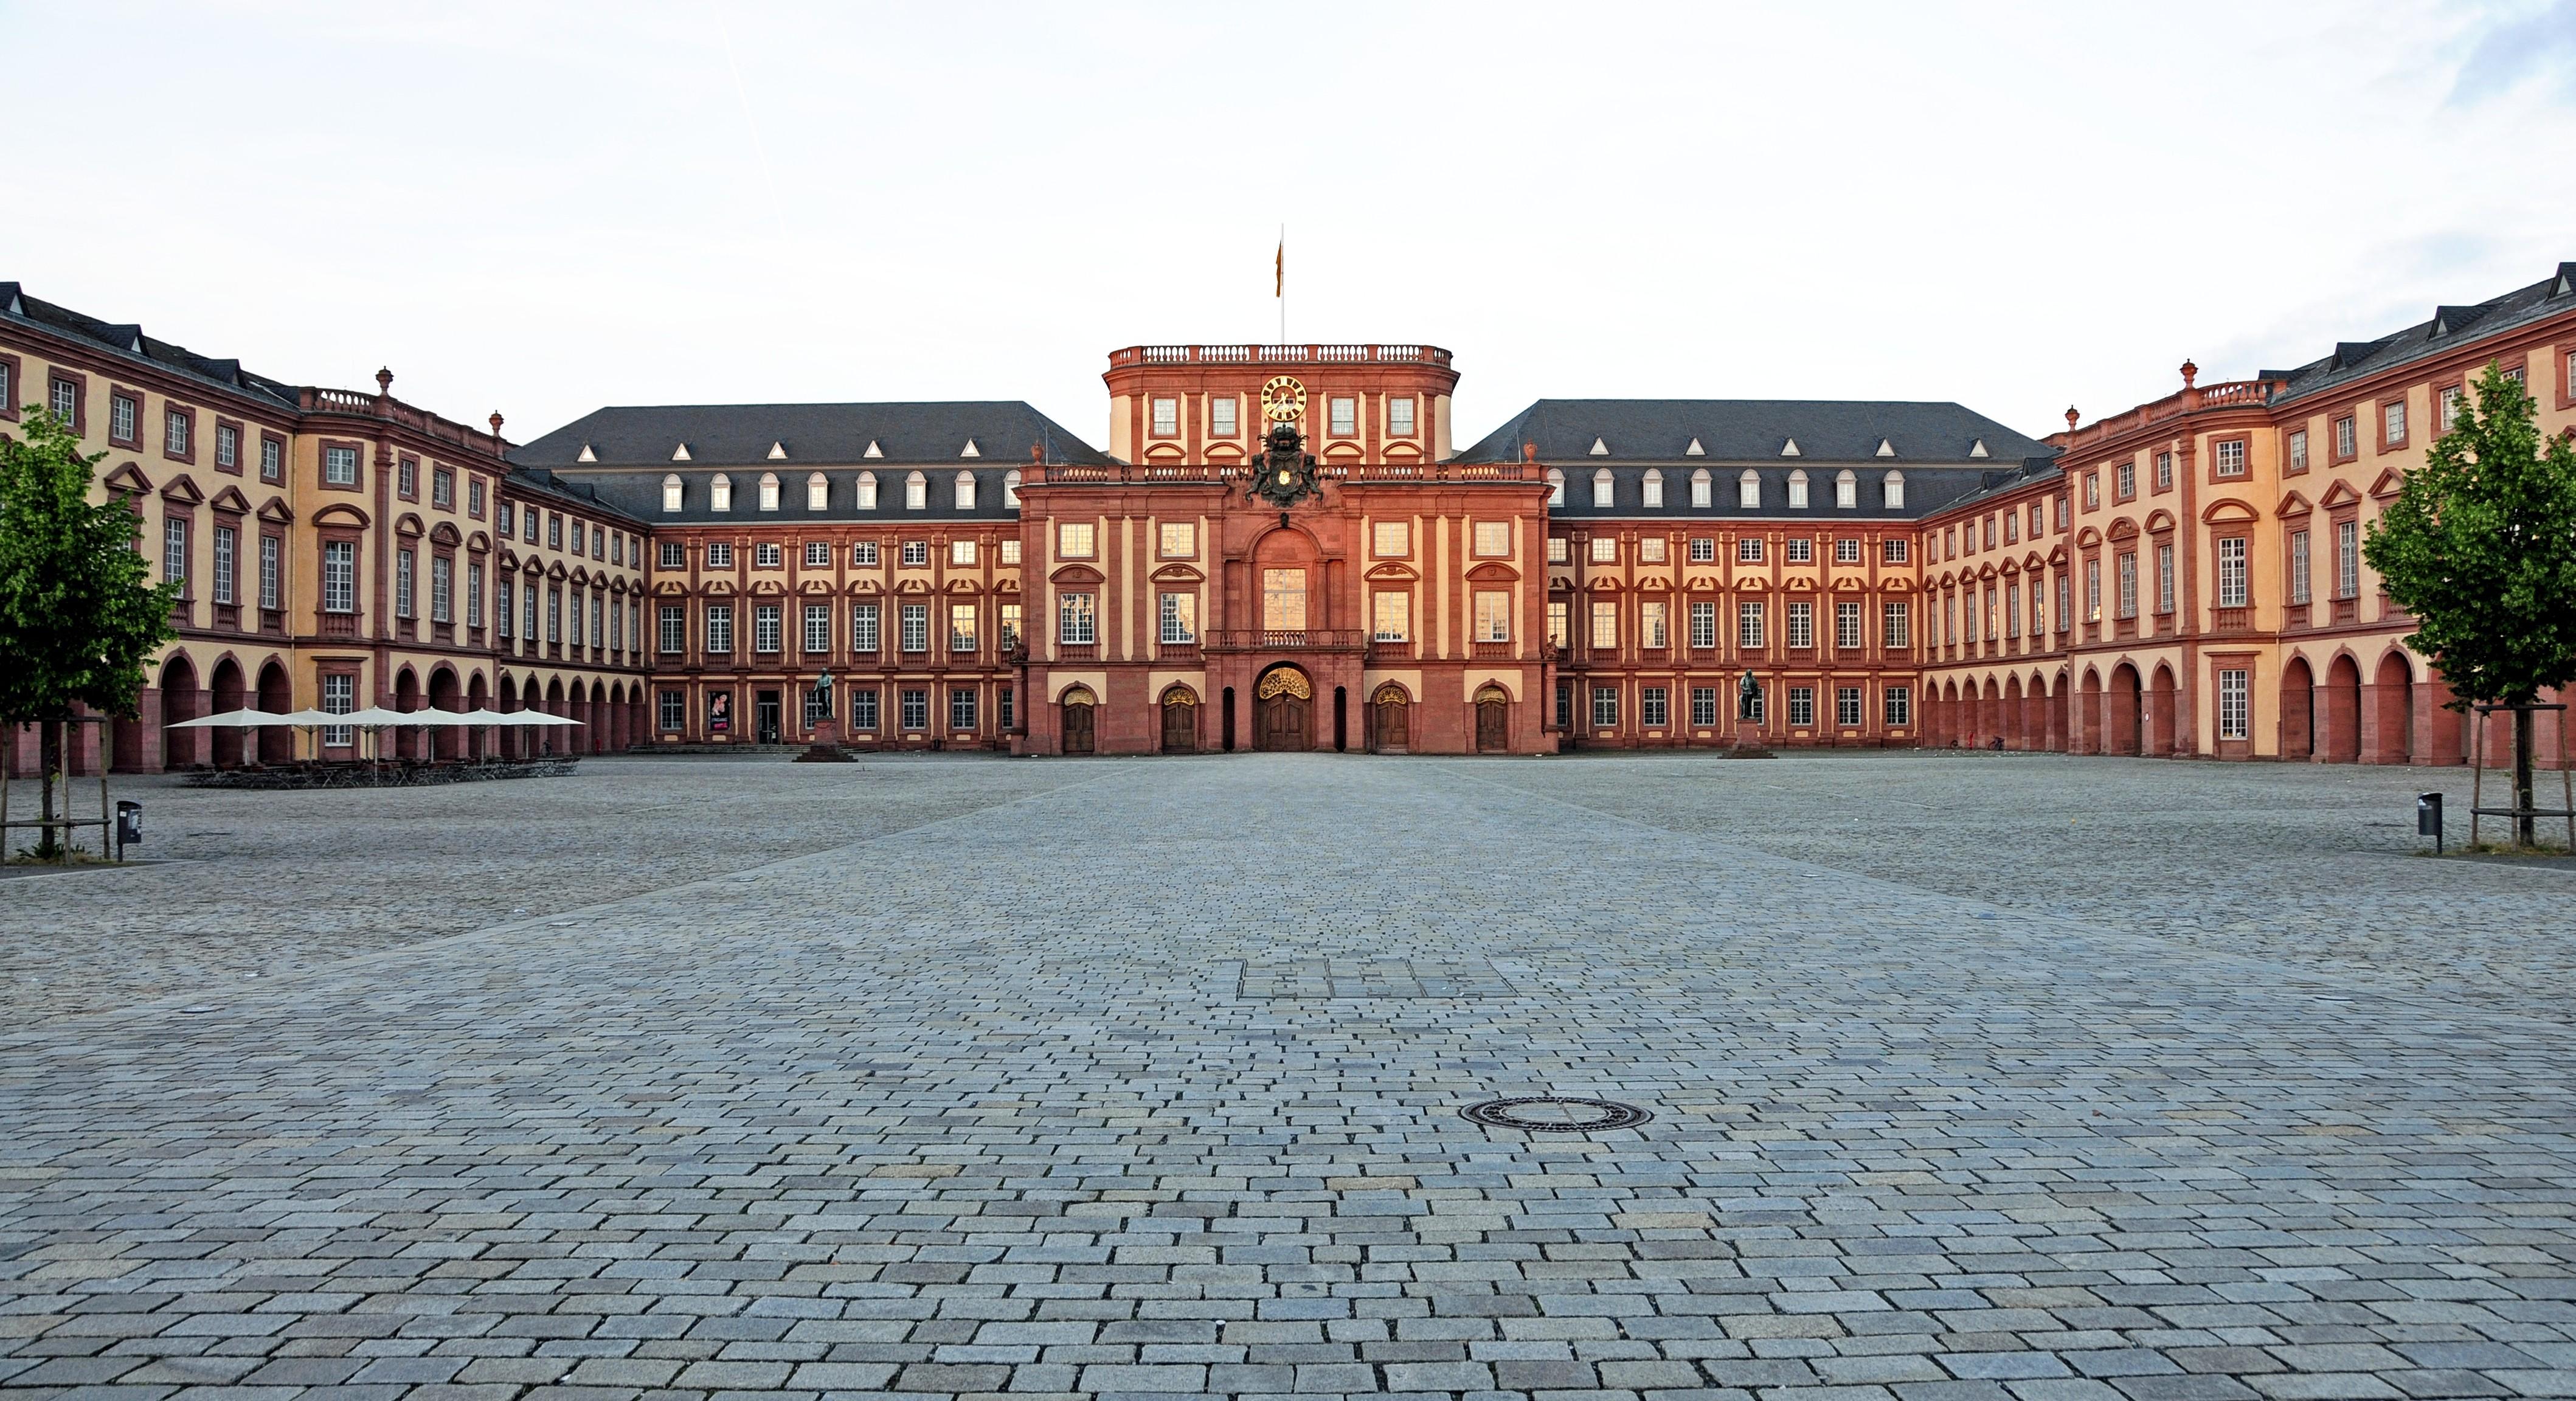 Мангейм, Германия: интересные достопримечательности, что посетить и чем заняться, лучшие рестораны, советы туристов